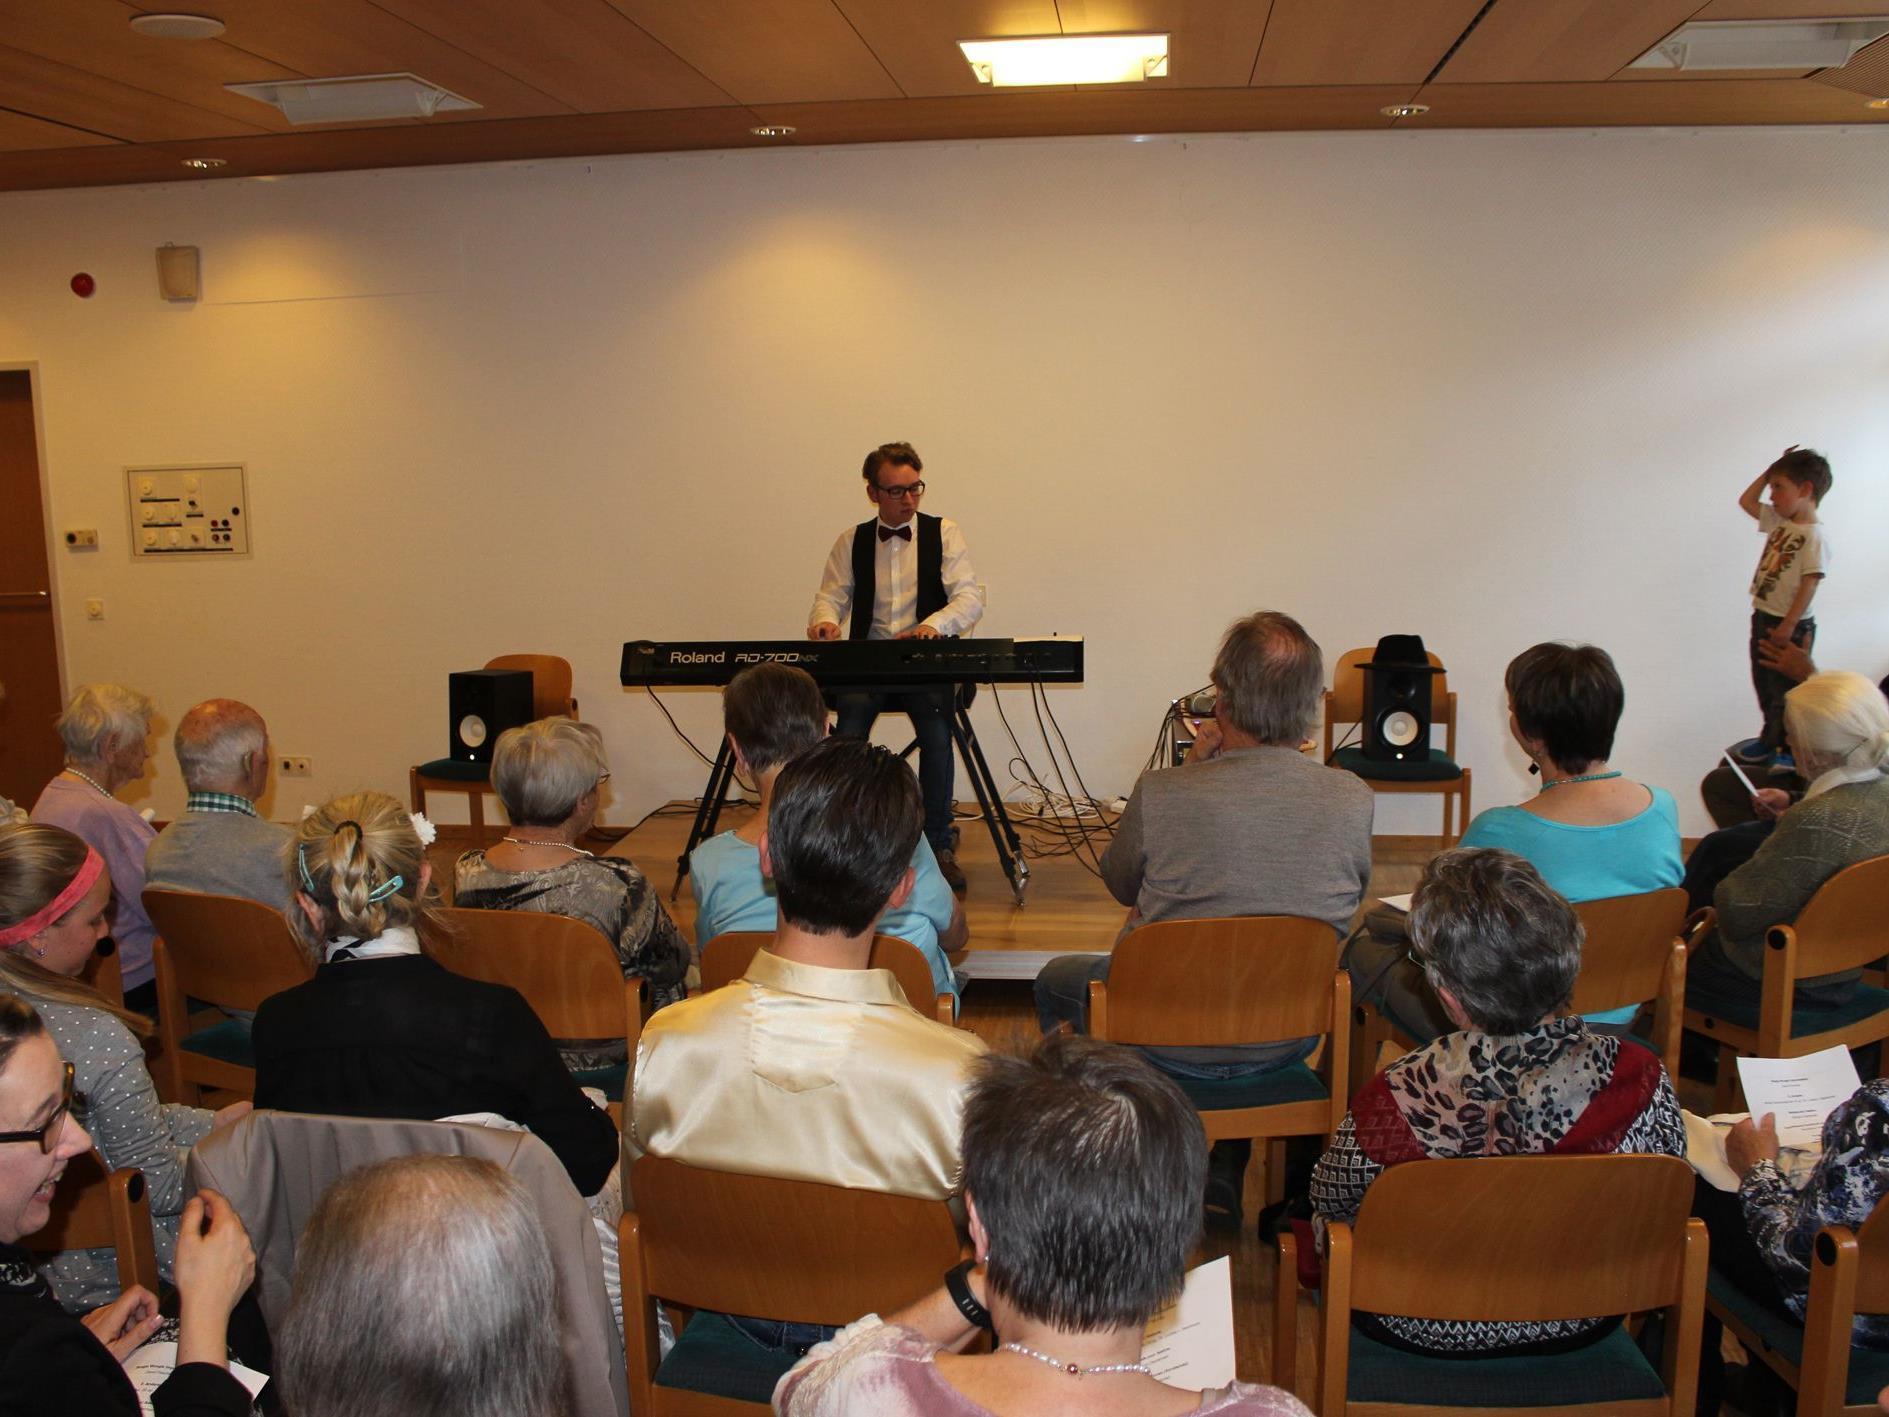 Klavierkonzert mit David Fasching im Sozialzentrum Bürs